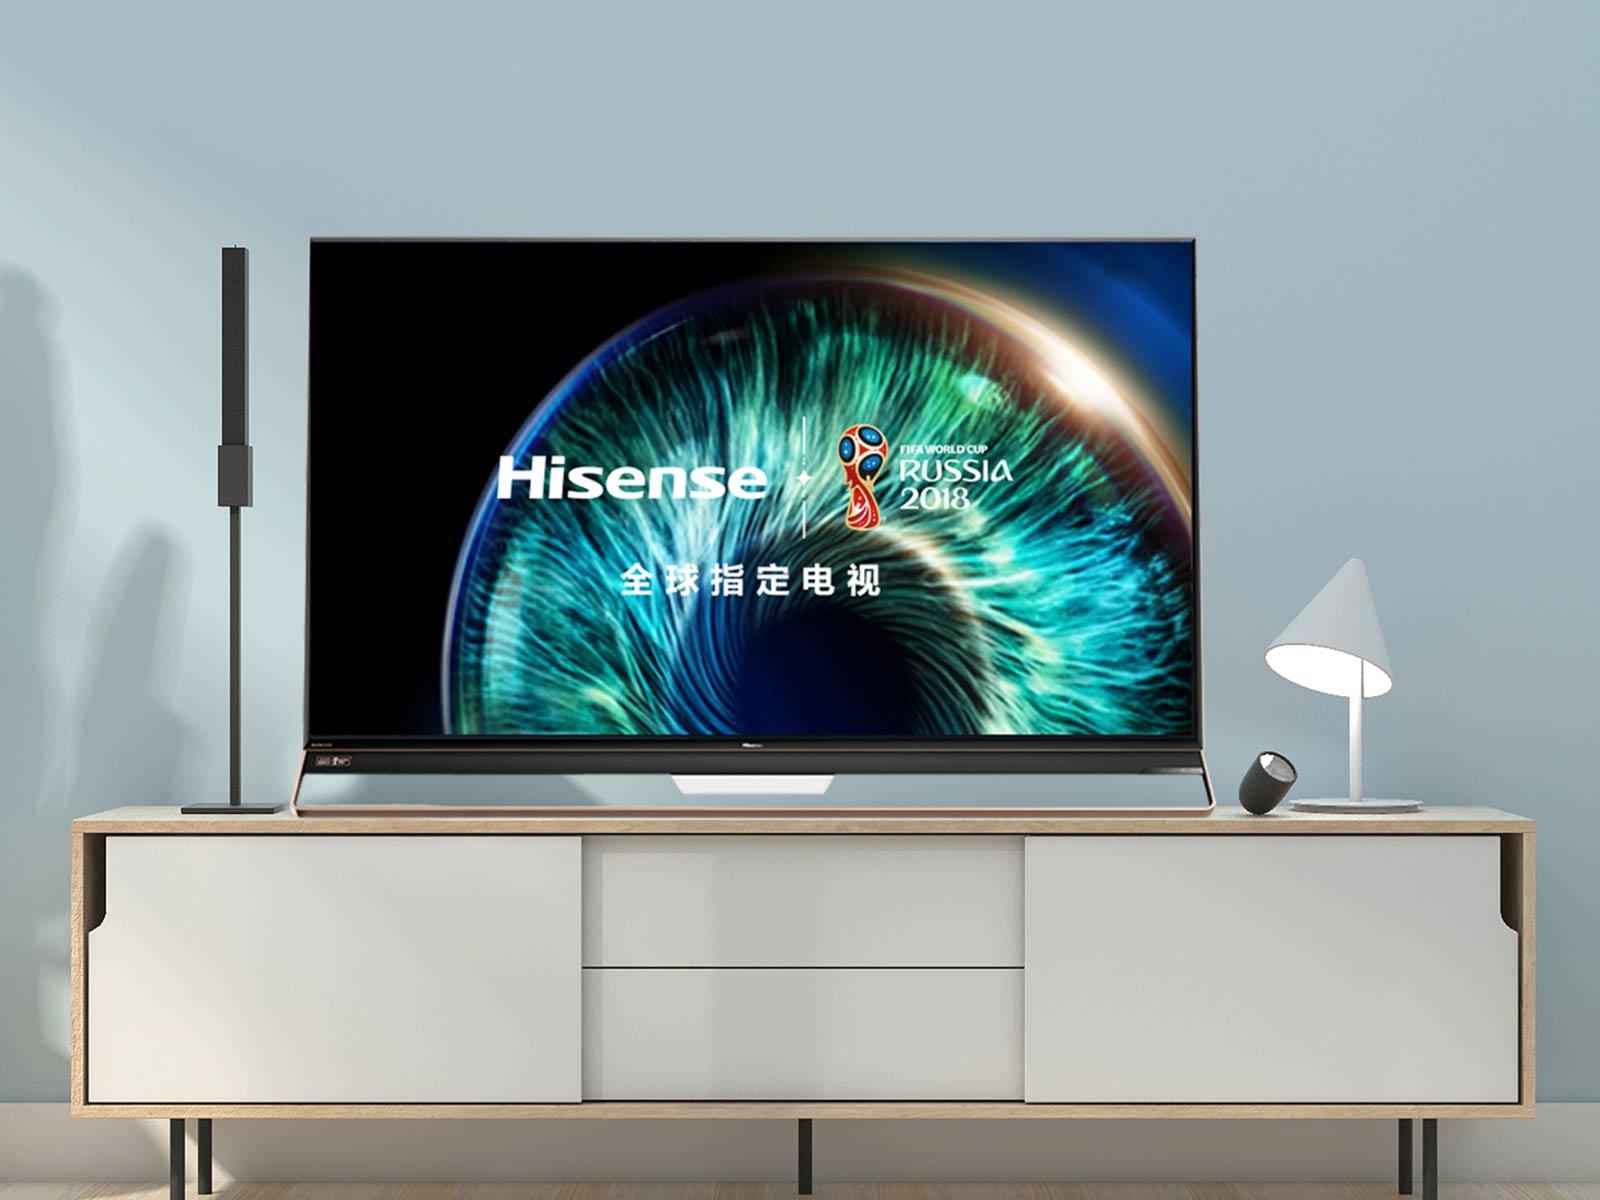 激光电视拉动,海信出货尺寸蝉联全球第一